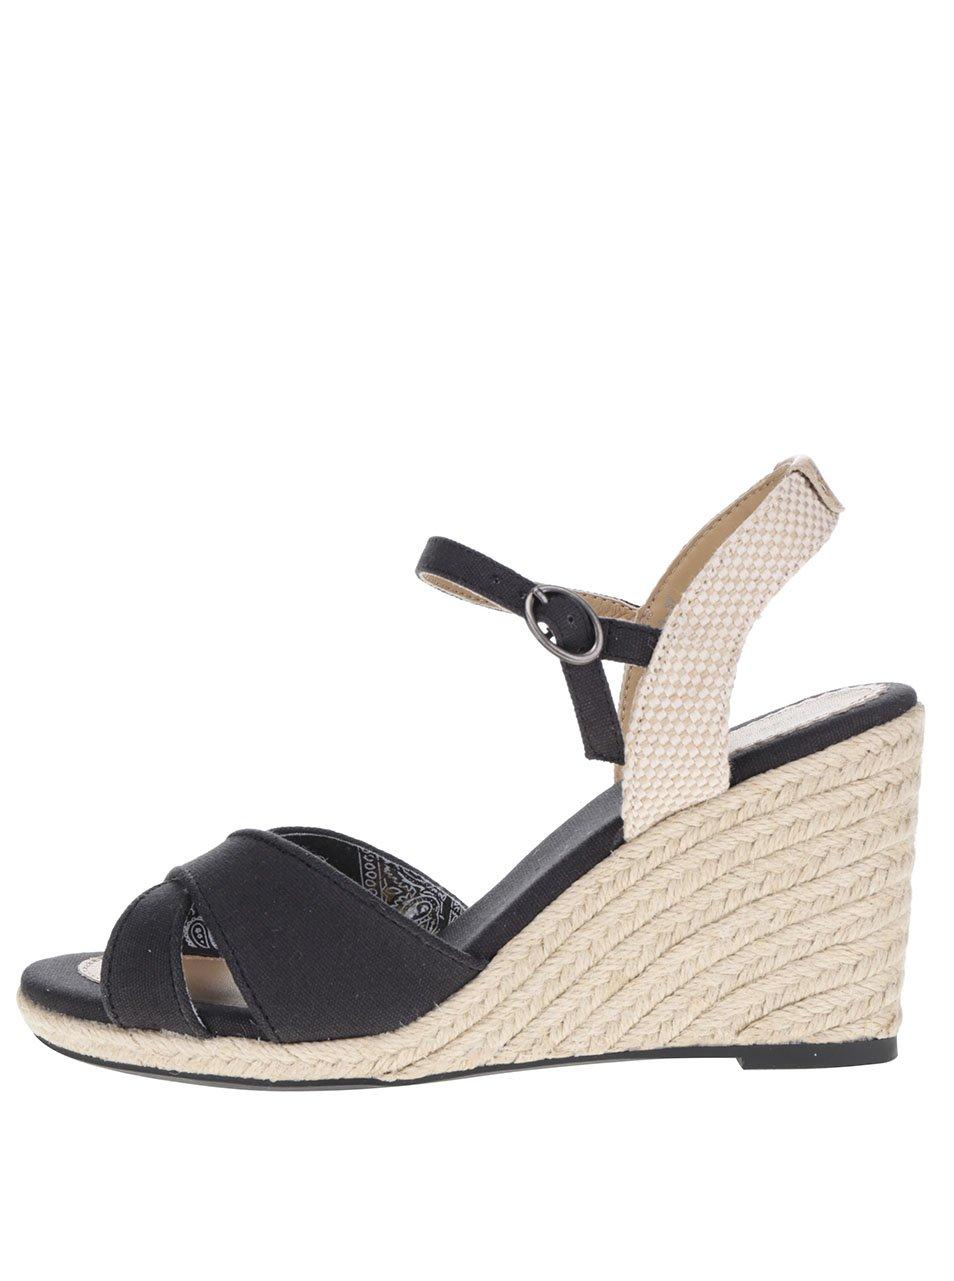 9ece75a32551 Čierne dámske sandále na klinovom podpätku Pepe Jeans Shark Basic ...